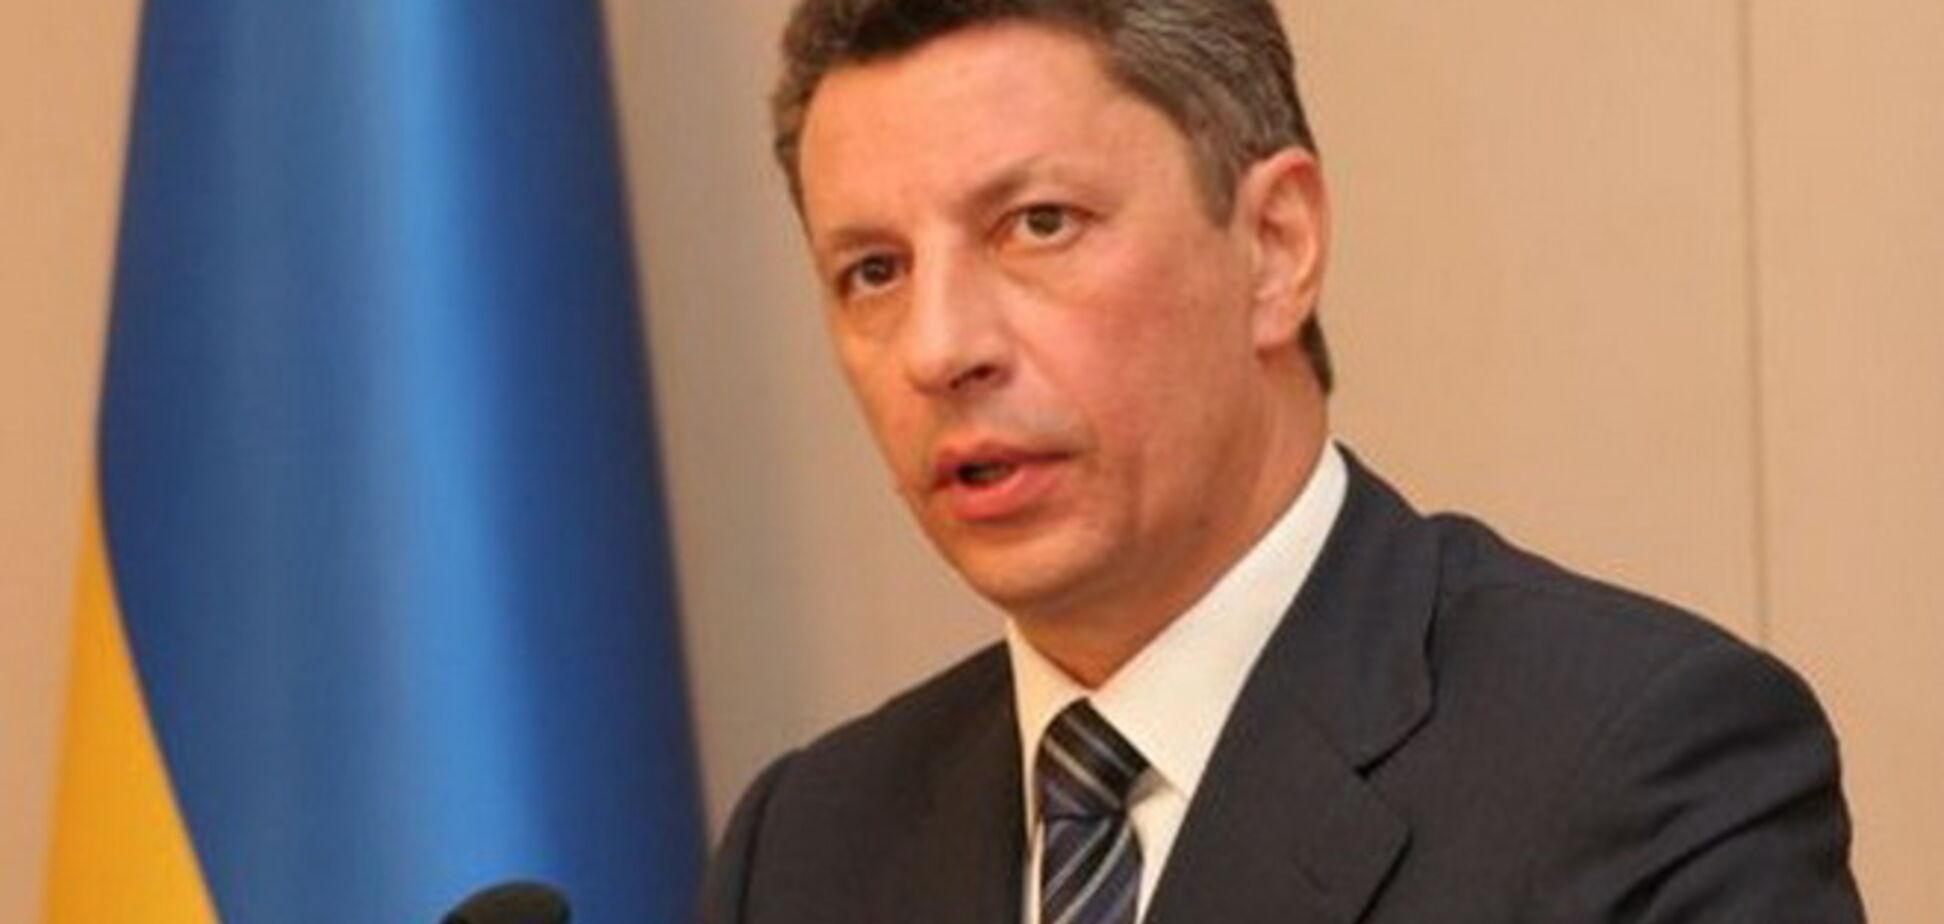 Політики повинні домовитися і спільно вирішити конфлікт на Південно-сході - Юрій Бойко